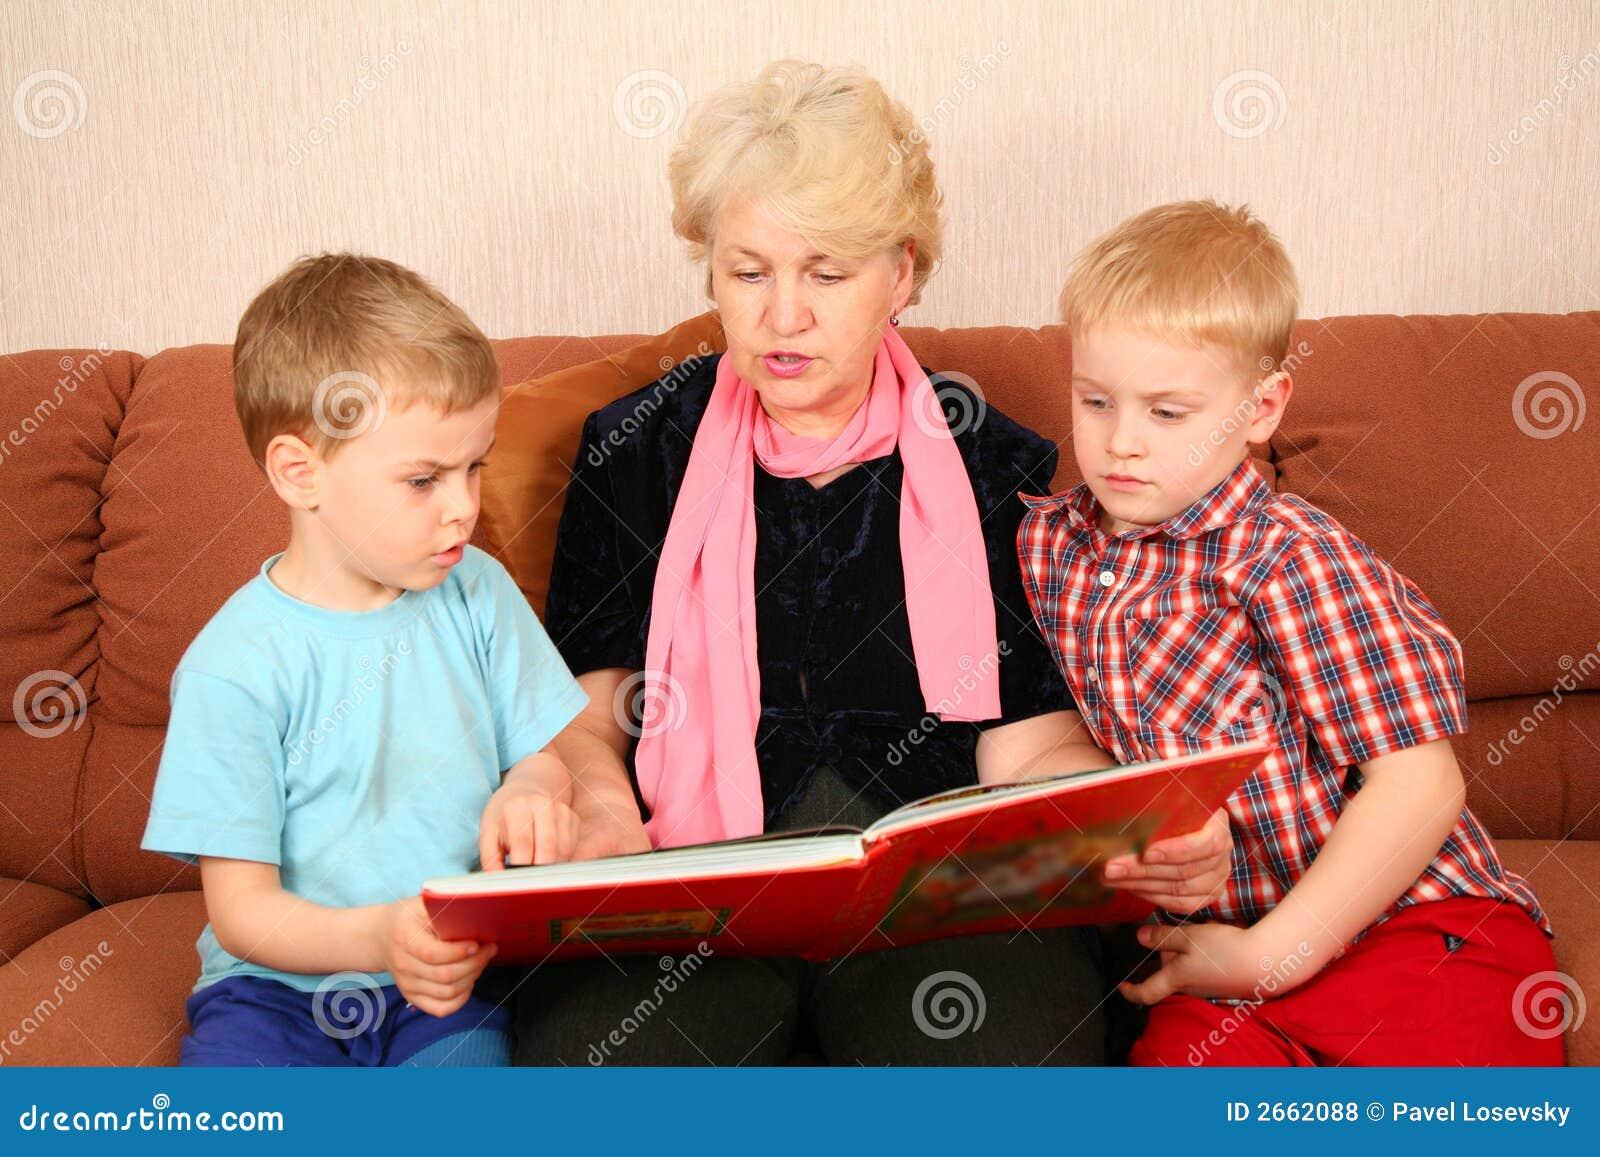 Прочитать рассказ бабушка и внук 3 фотография